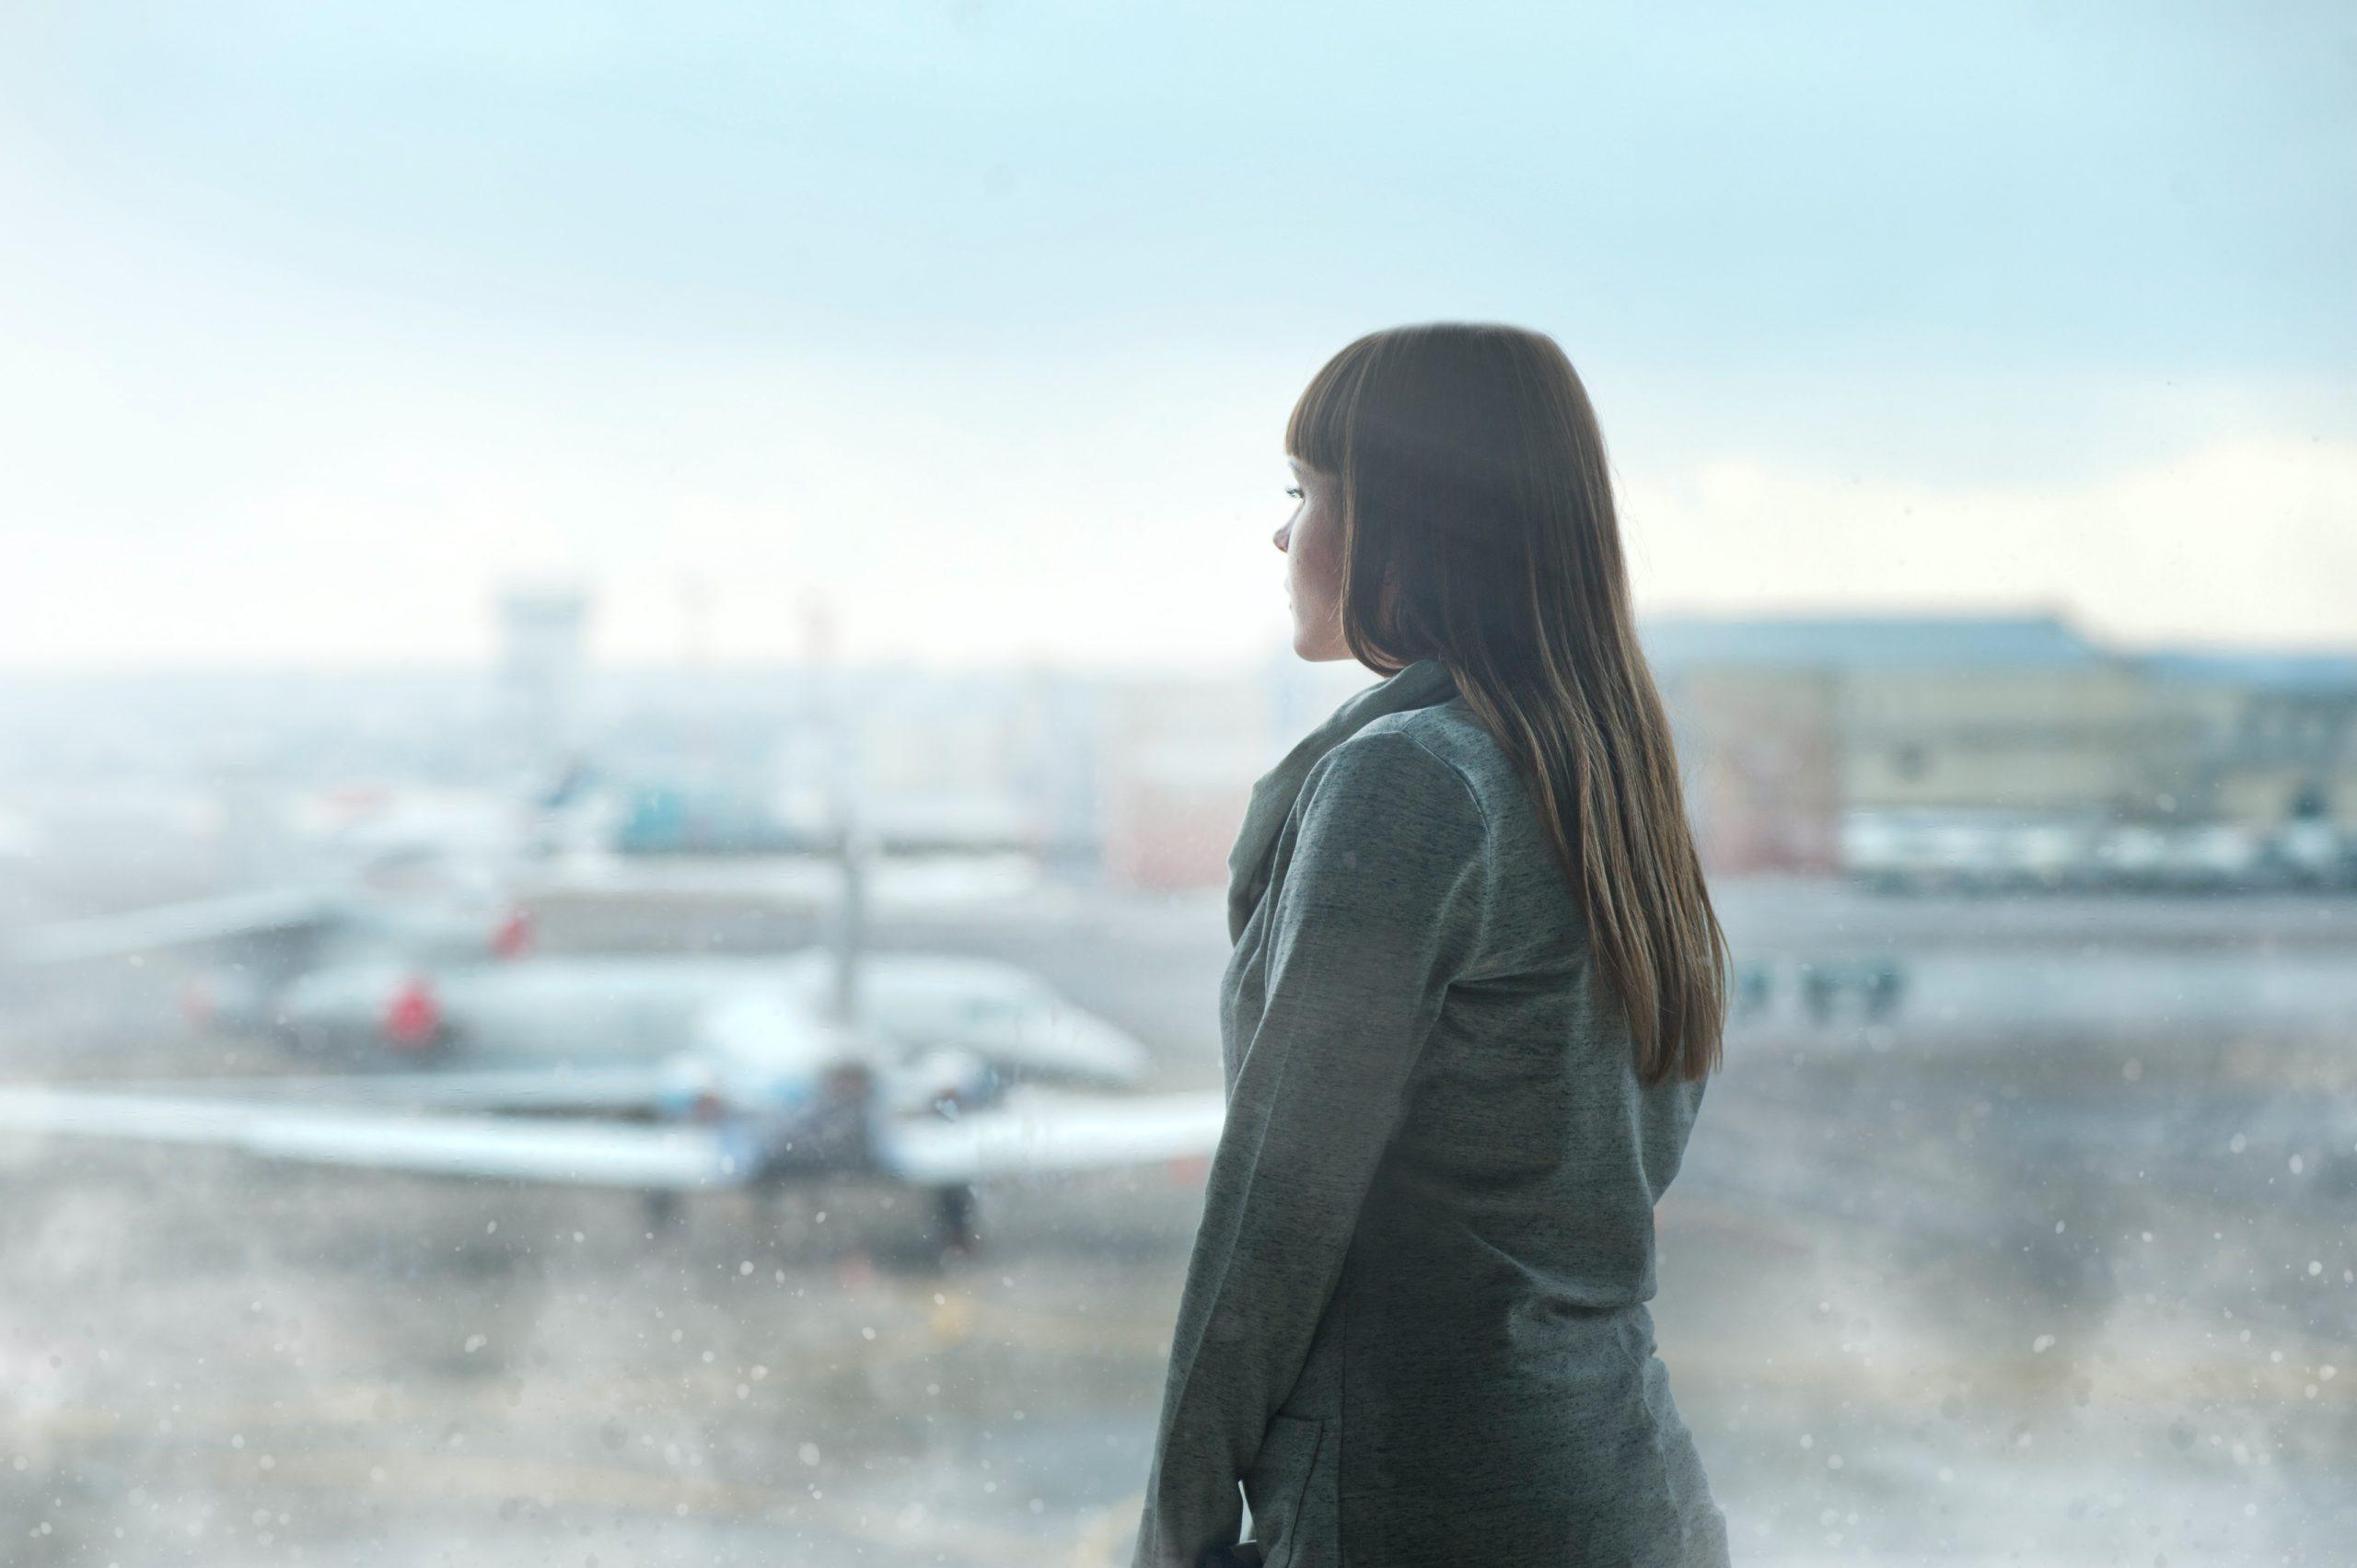 Flugtaxis: Verkehrsmittel der Zukunft?